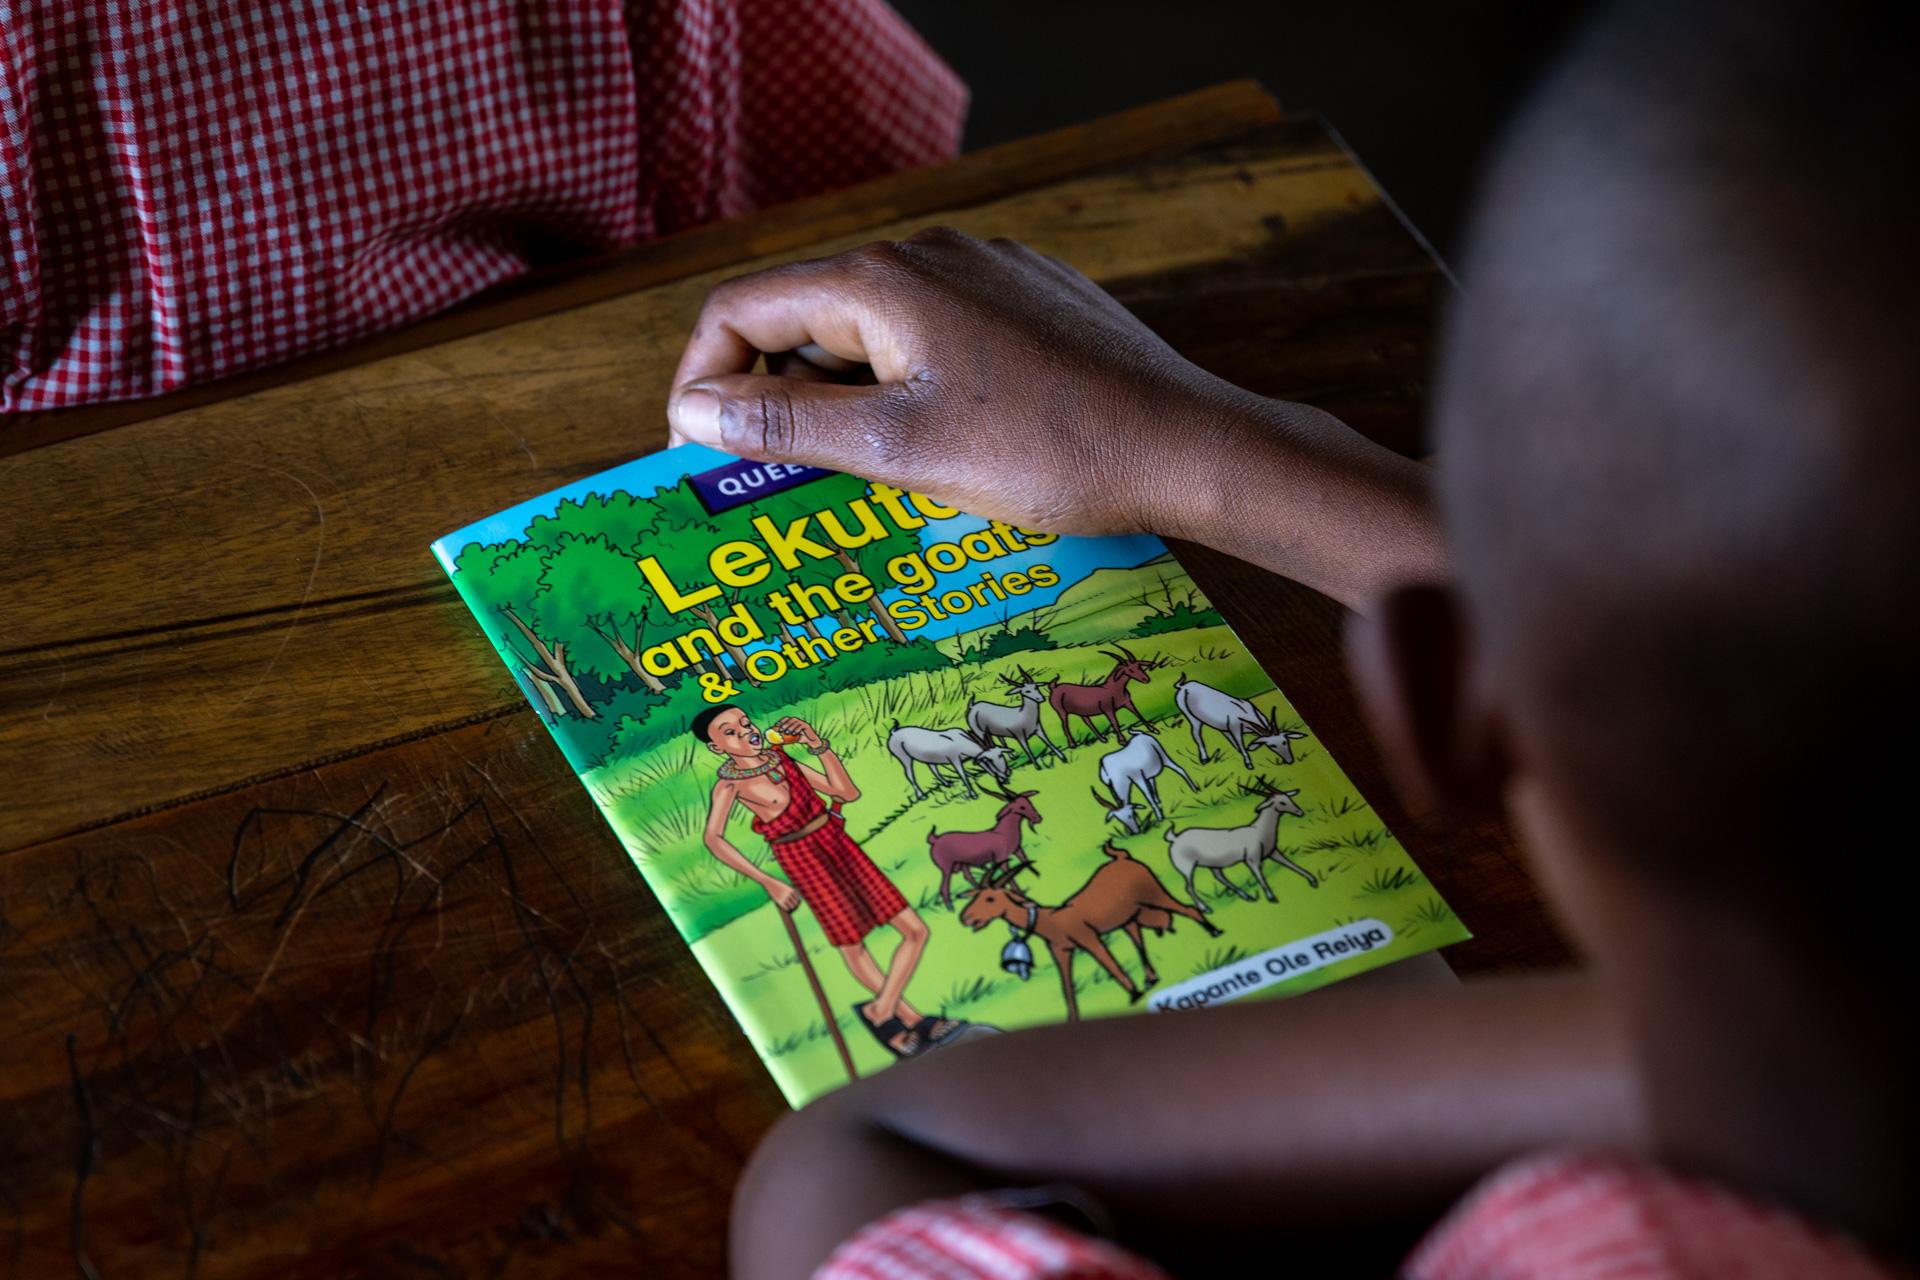 Joel Kapante's book